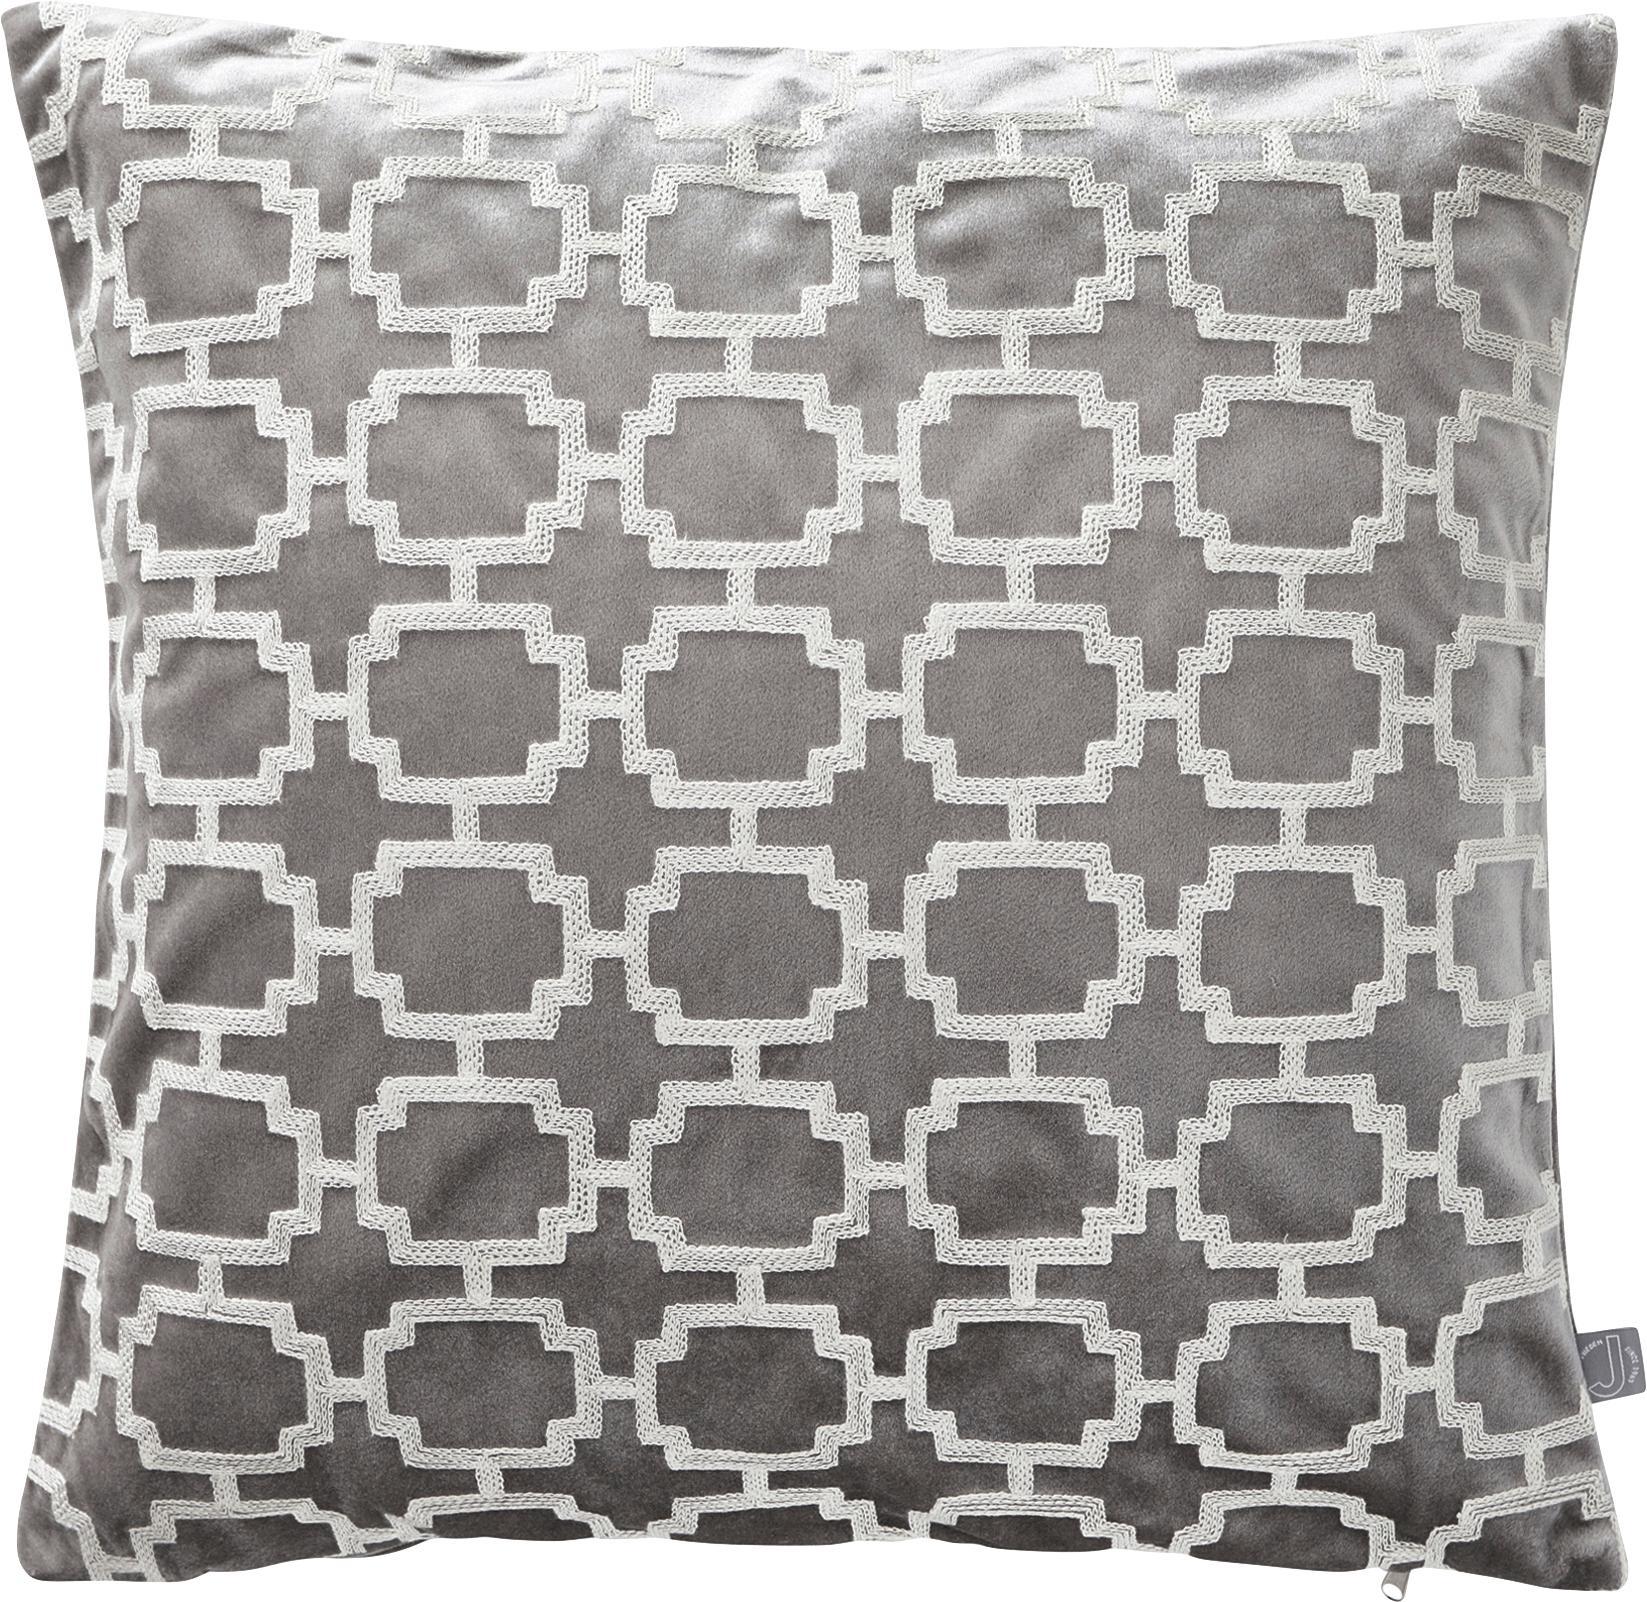 Poszewka na poduszkę z aksamitu Simone, 100% aksamit poliestrowy, Szary, złamana biel, S 43 x D 43 cm